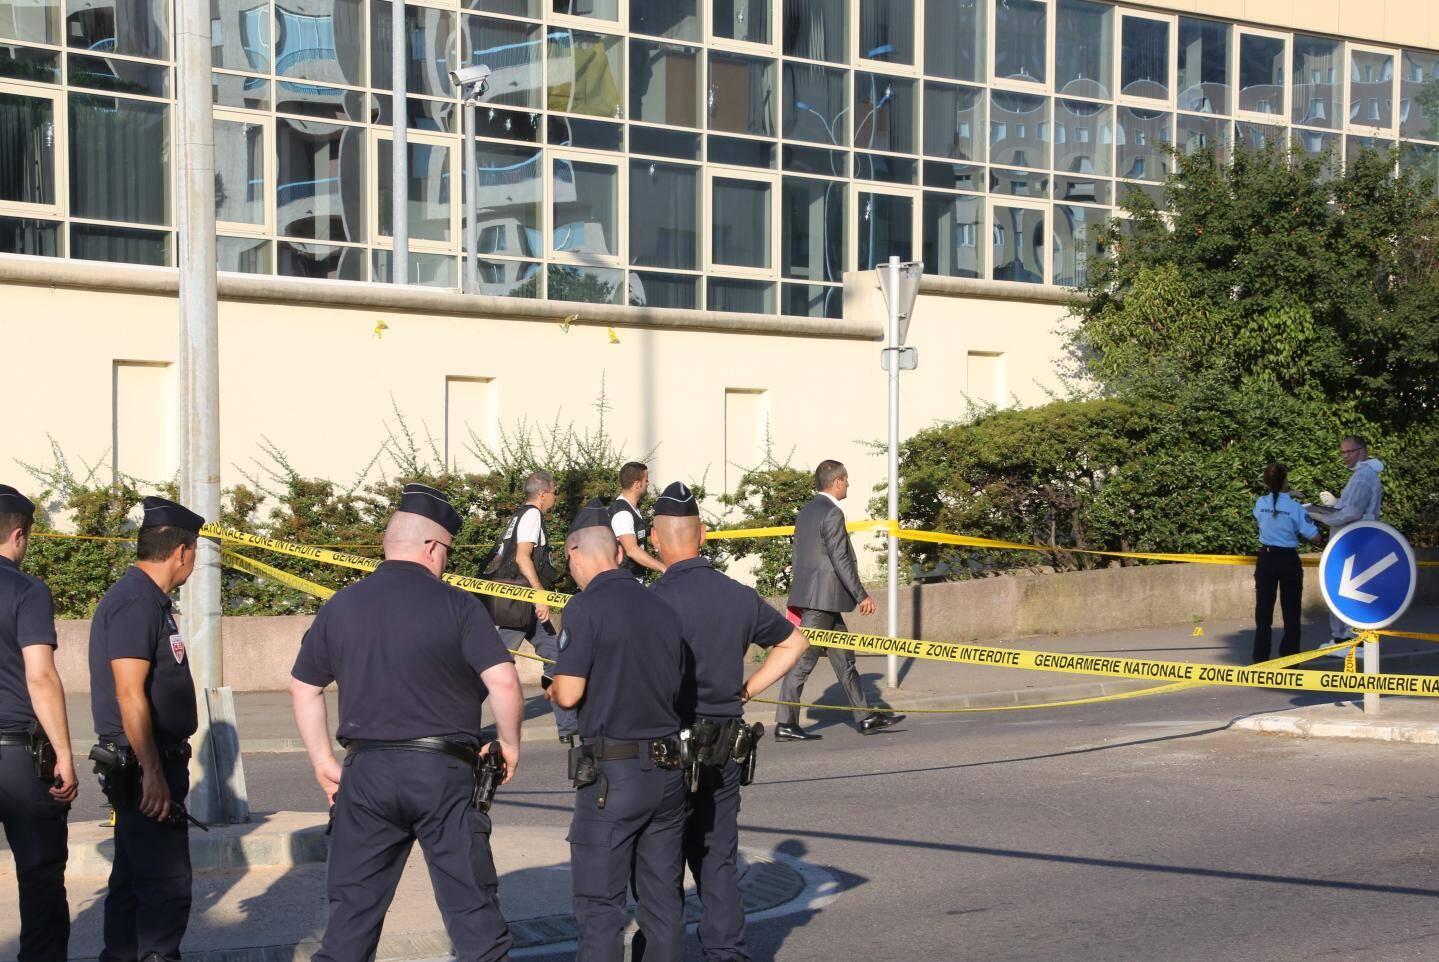 Des coups de feu ont été tirés contre la façade de la caserne de gendarmerie de Montesoro à Bastia